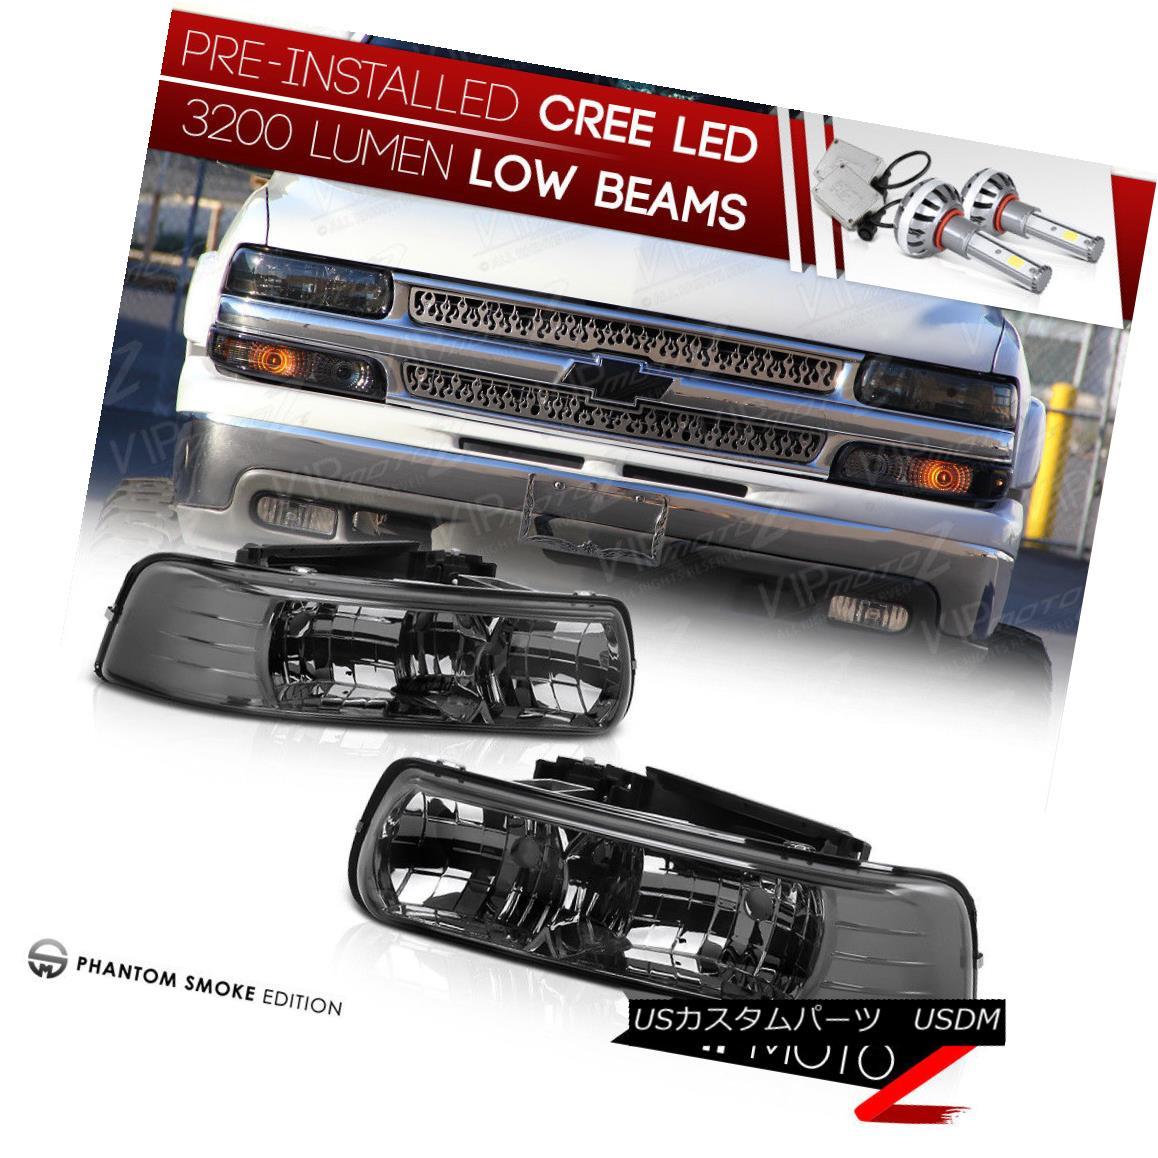 ヘッドライト !PRE-INSTALLED LED LOW BEAM! 99-02 Chevy Silverado New Titanium Headlight LH+RH !プレインストールLEDロービーム! 99-02シボレーシルバラード新チタンヘッドライトLH + RH